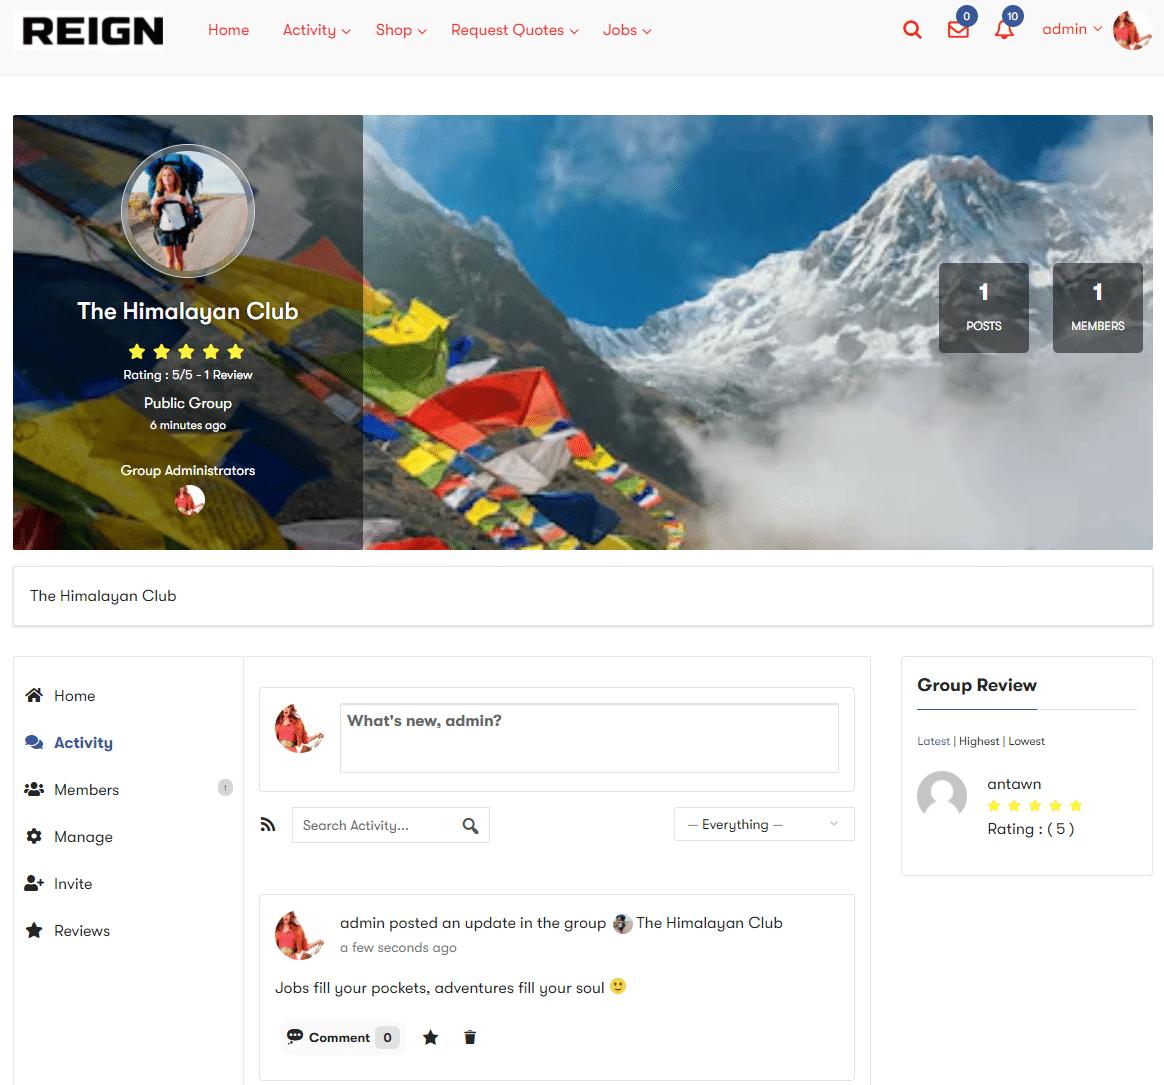 image.11 - Wbcom Designs